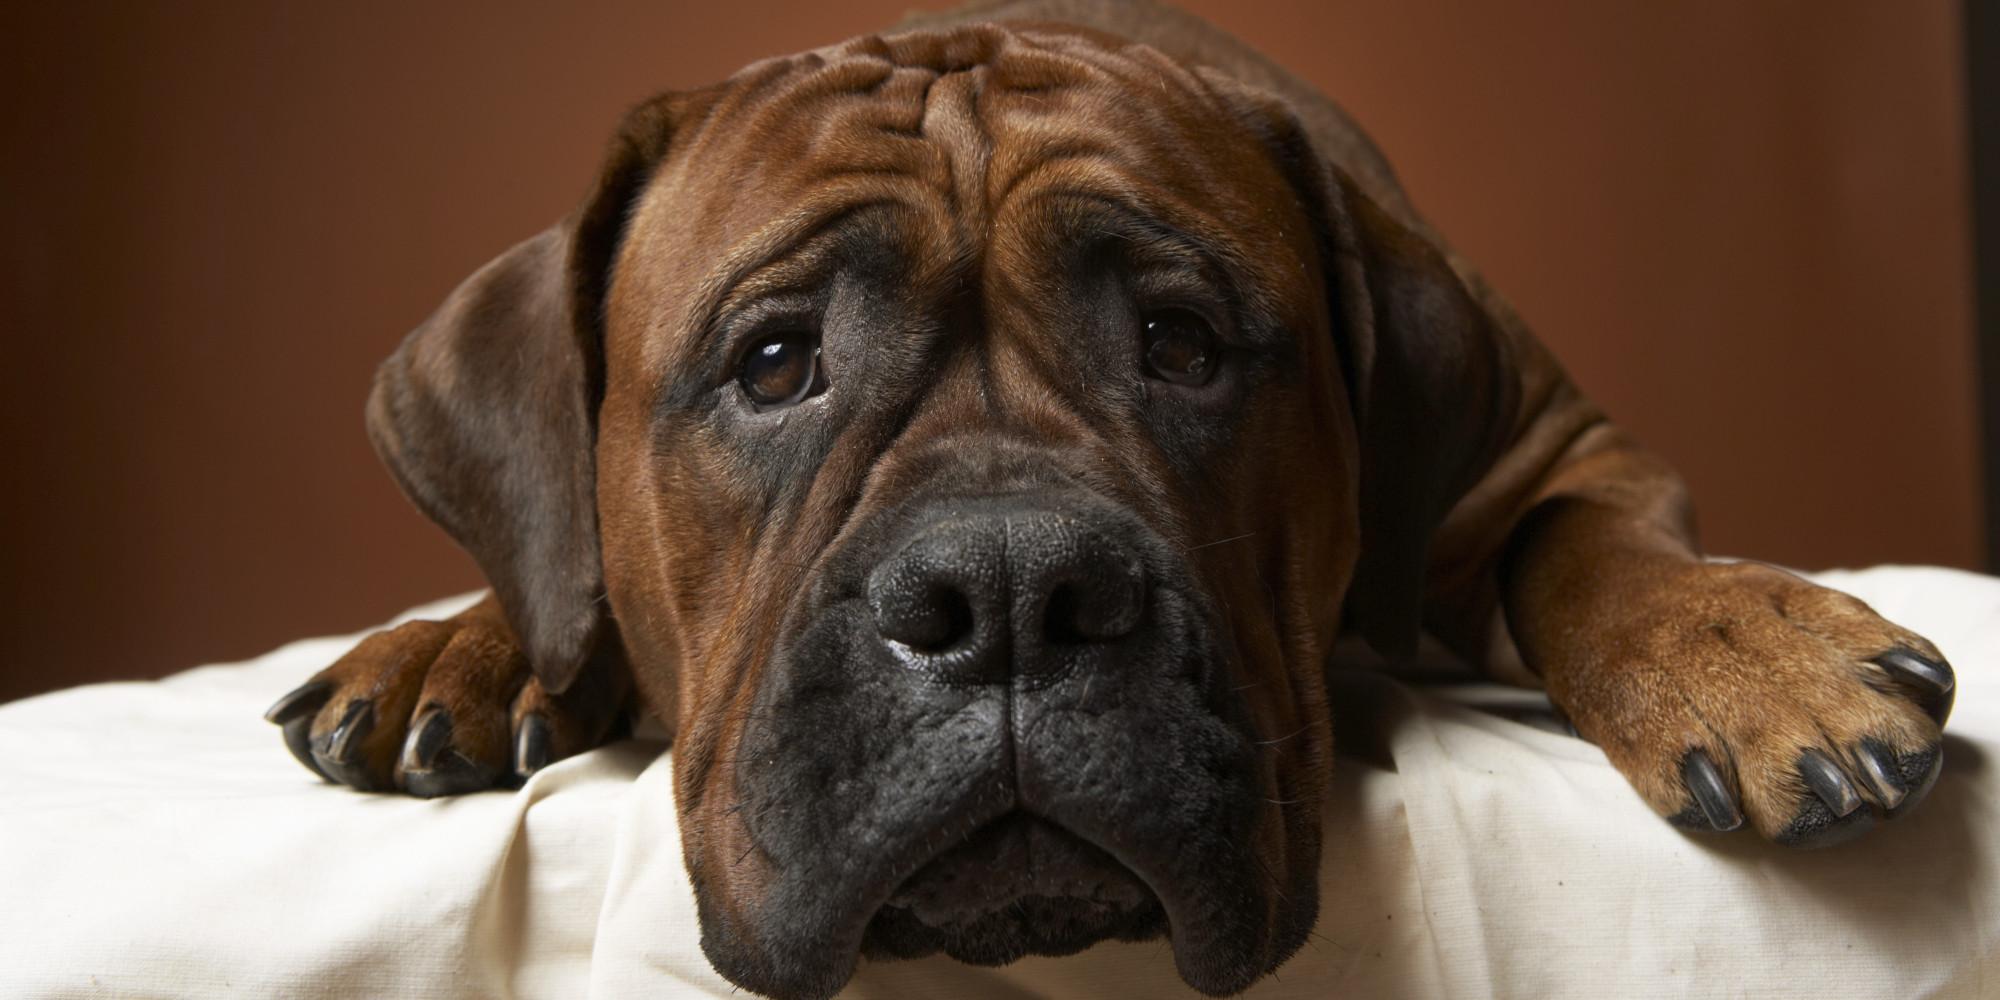 Segítség, allergiás a kutyám! Mit tegyek? – 2. rész